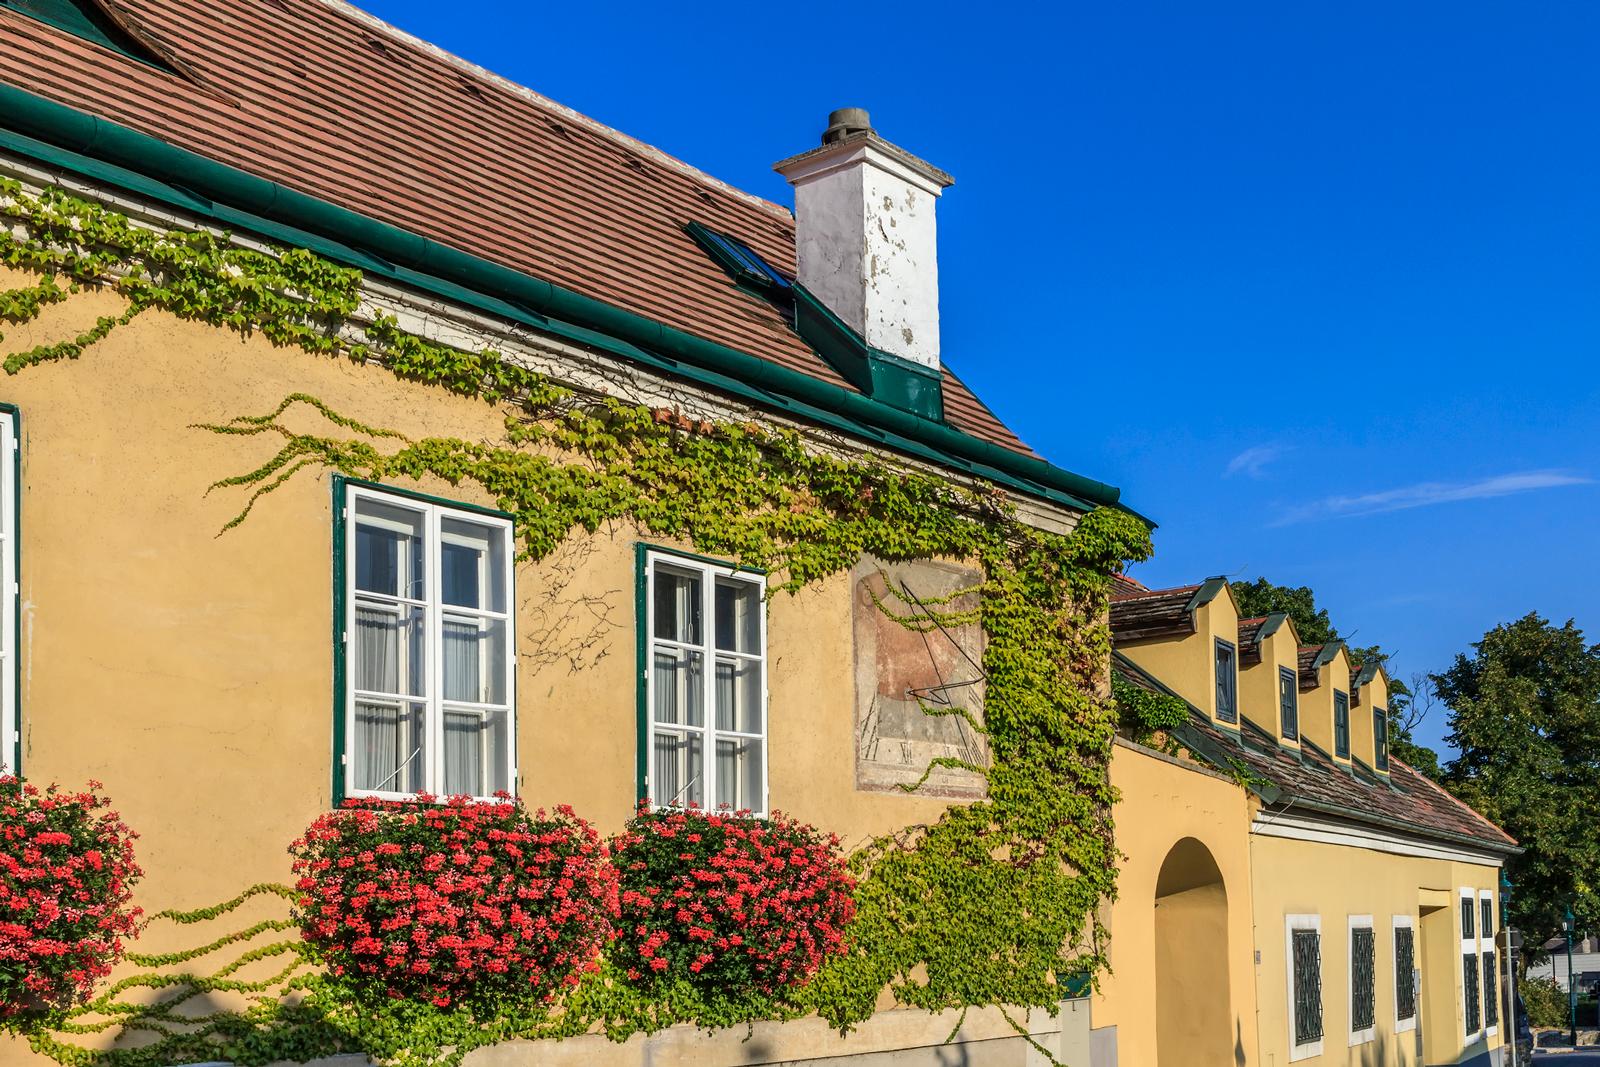 Voller Charme: Klassische Altbauten haben eine besondere Ausstrahlung.